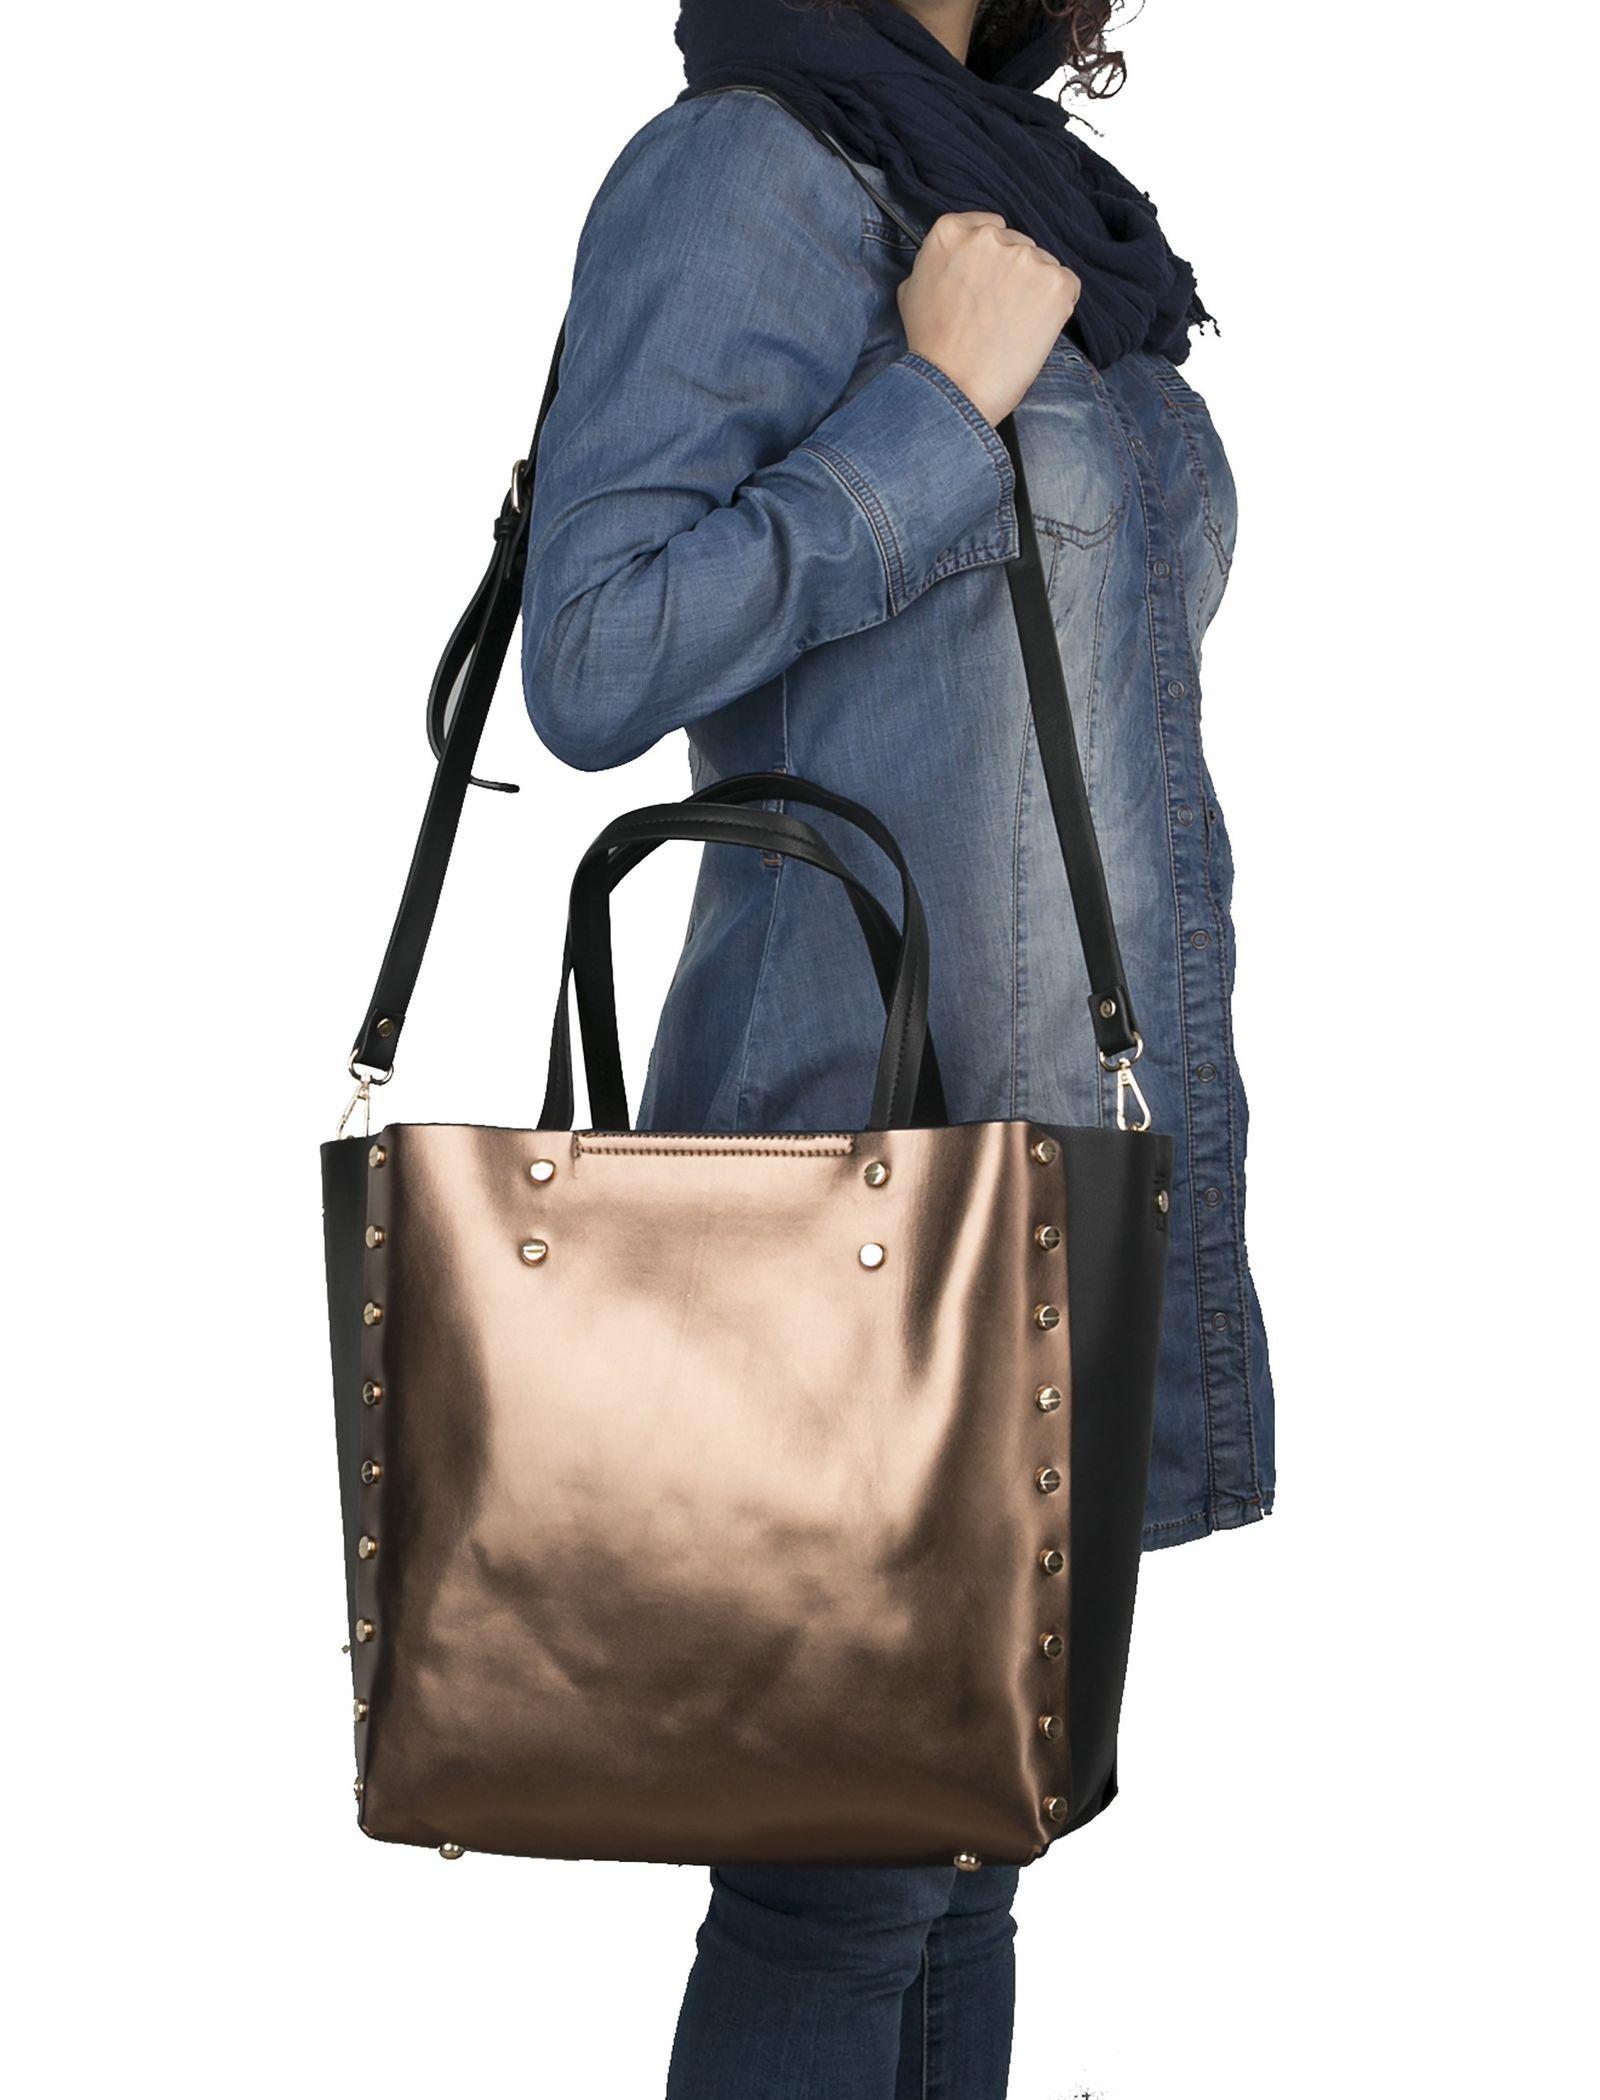 کیف دوشی روزمره زنانه - شانتال تک سایز - قهوه اي - 2